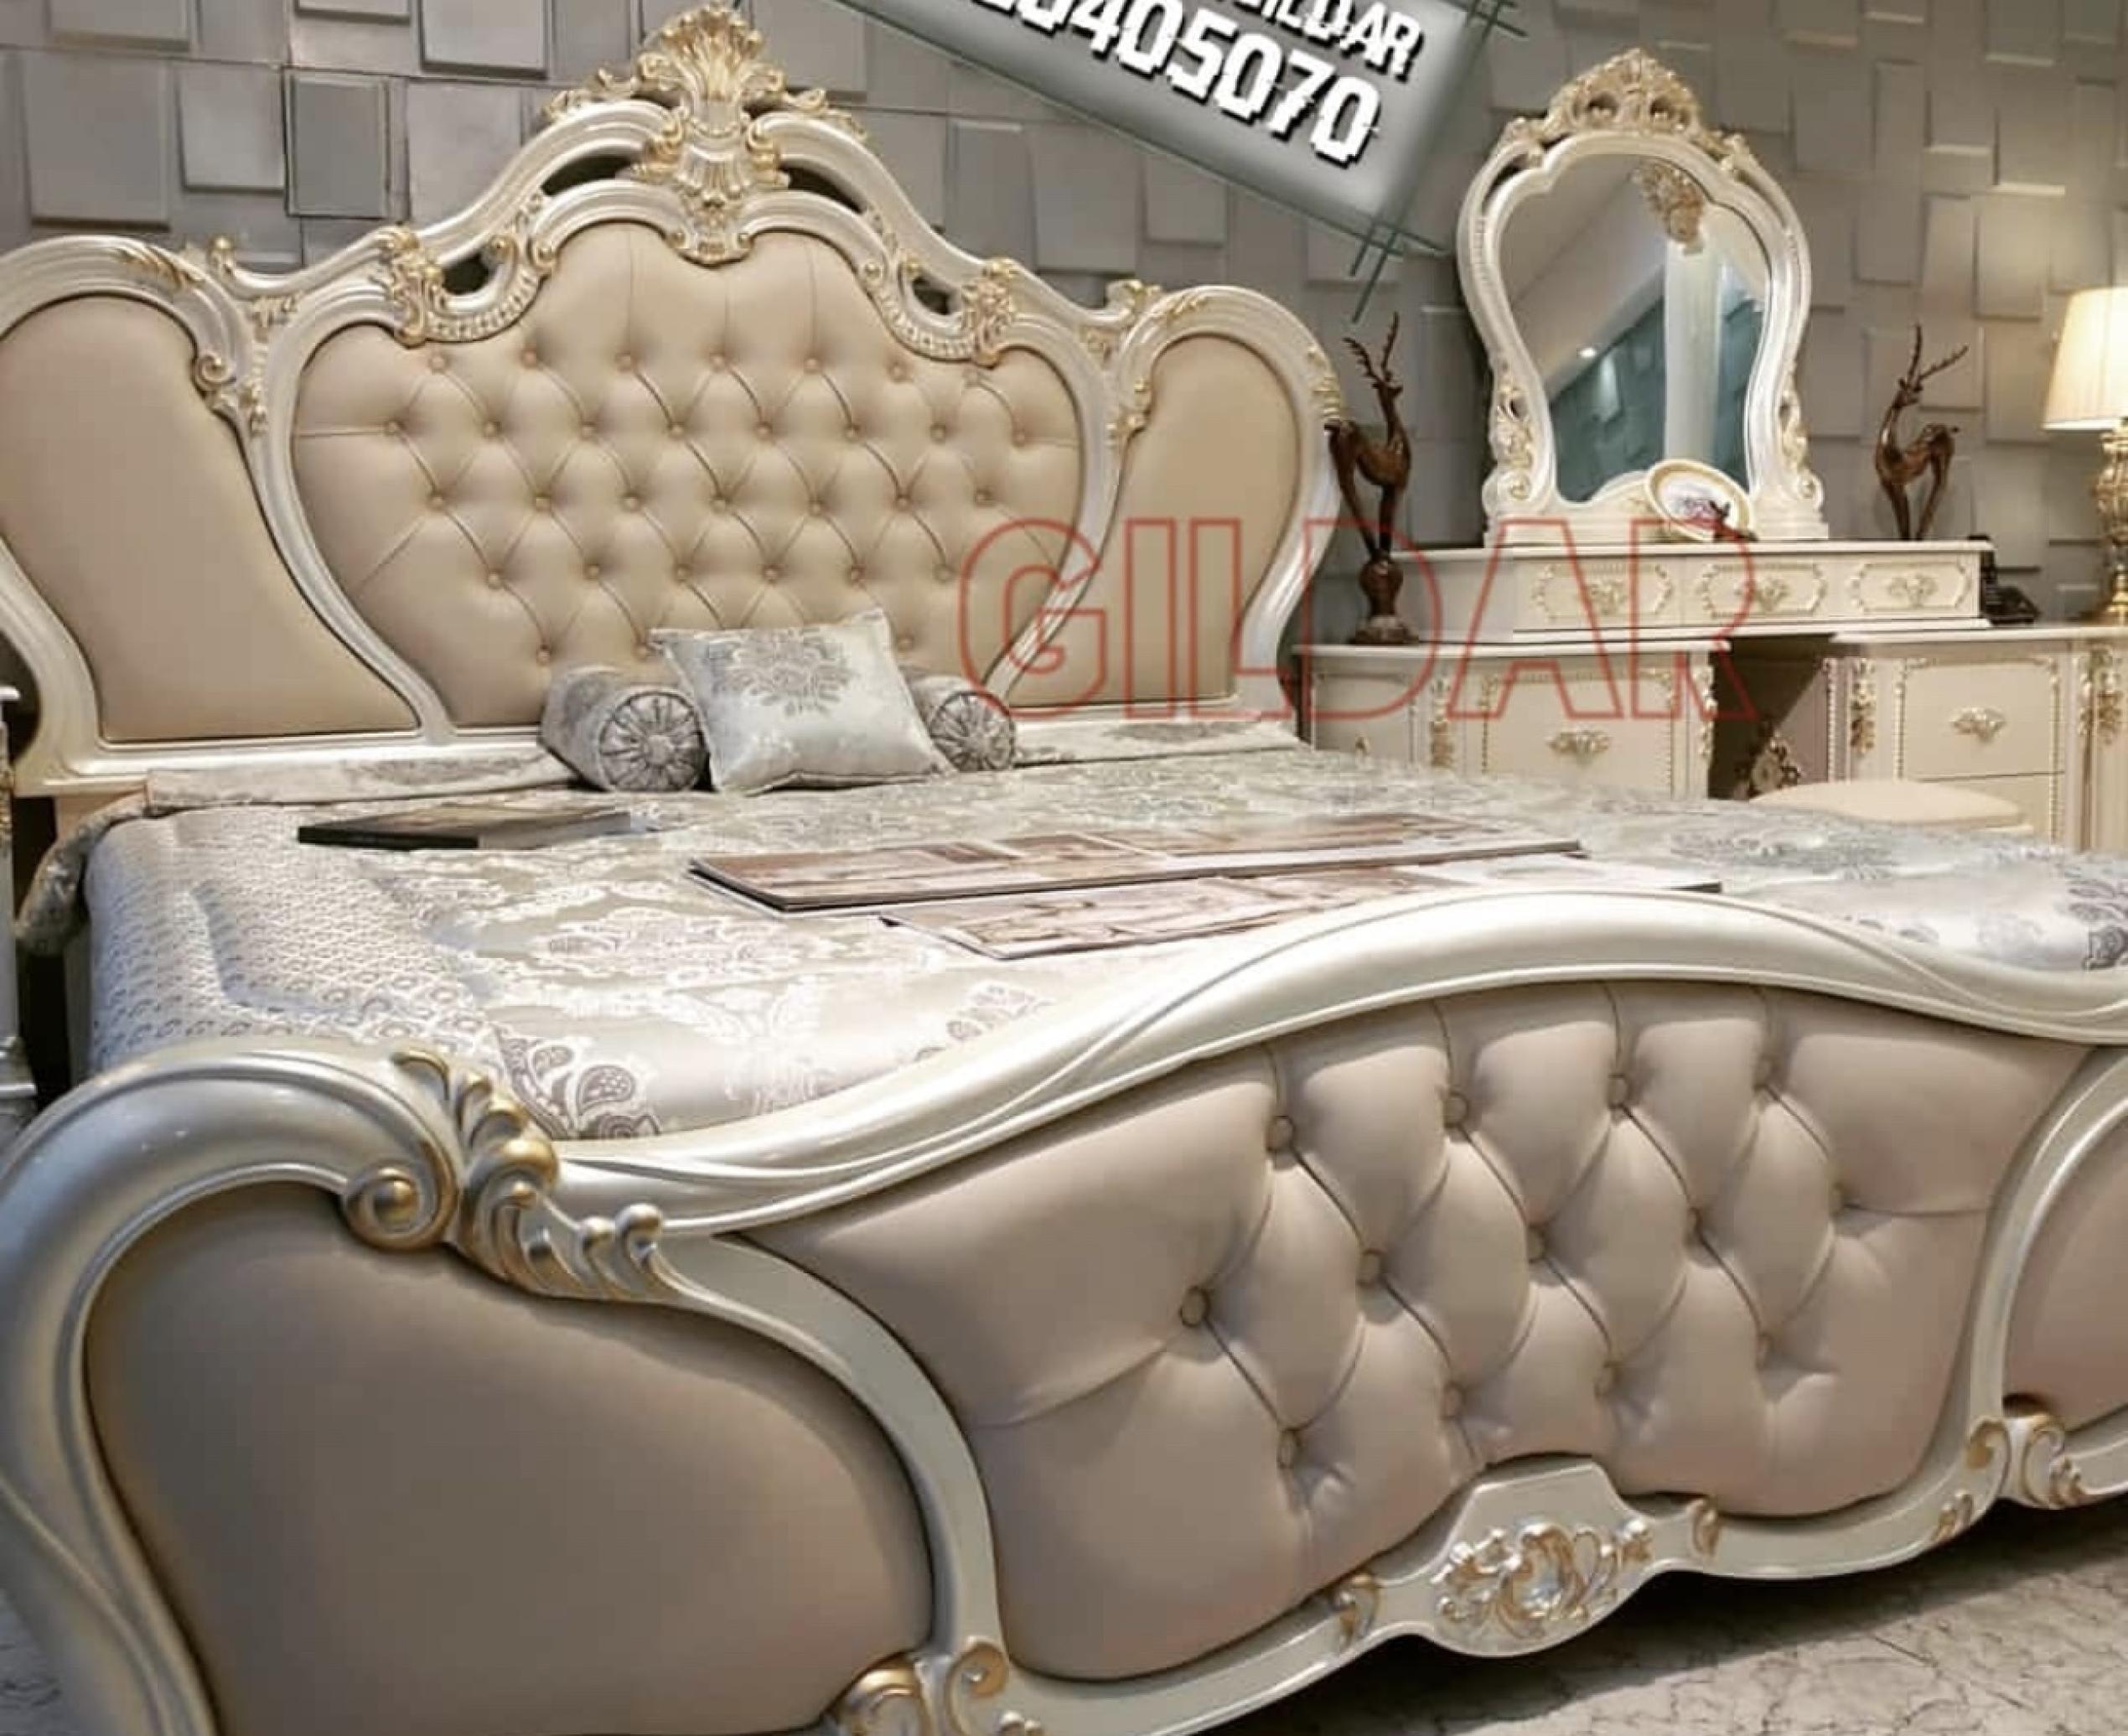 خرید سرویس خواب کلاسیک مدل شانیس